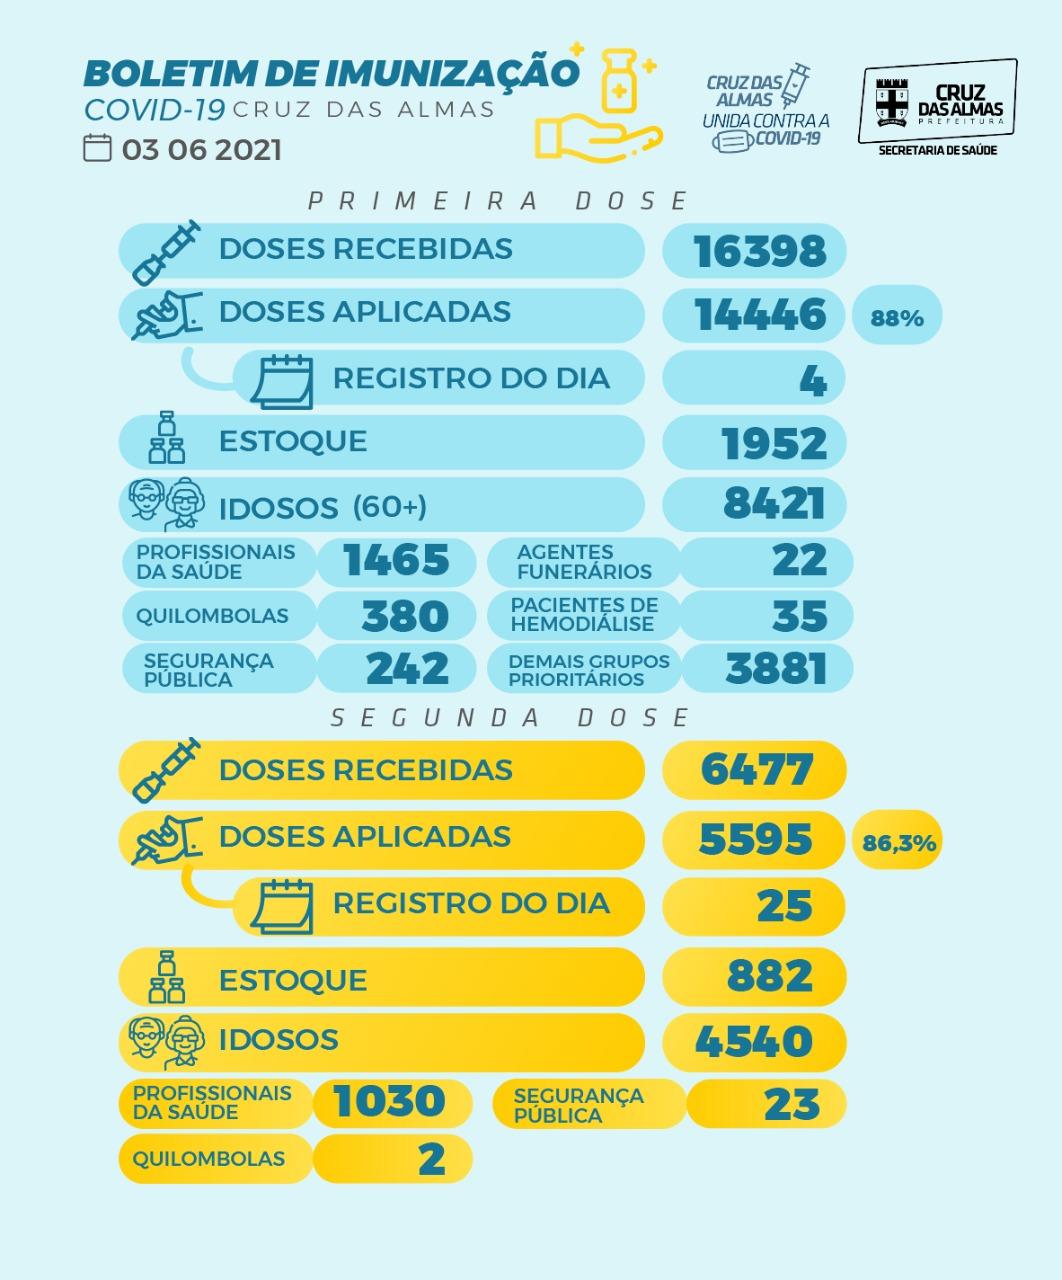 BOLETIM DE IMUNIZAÇÃO 03/06/2021